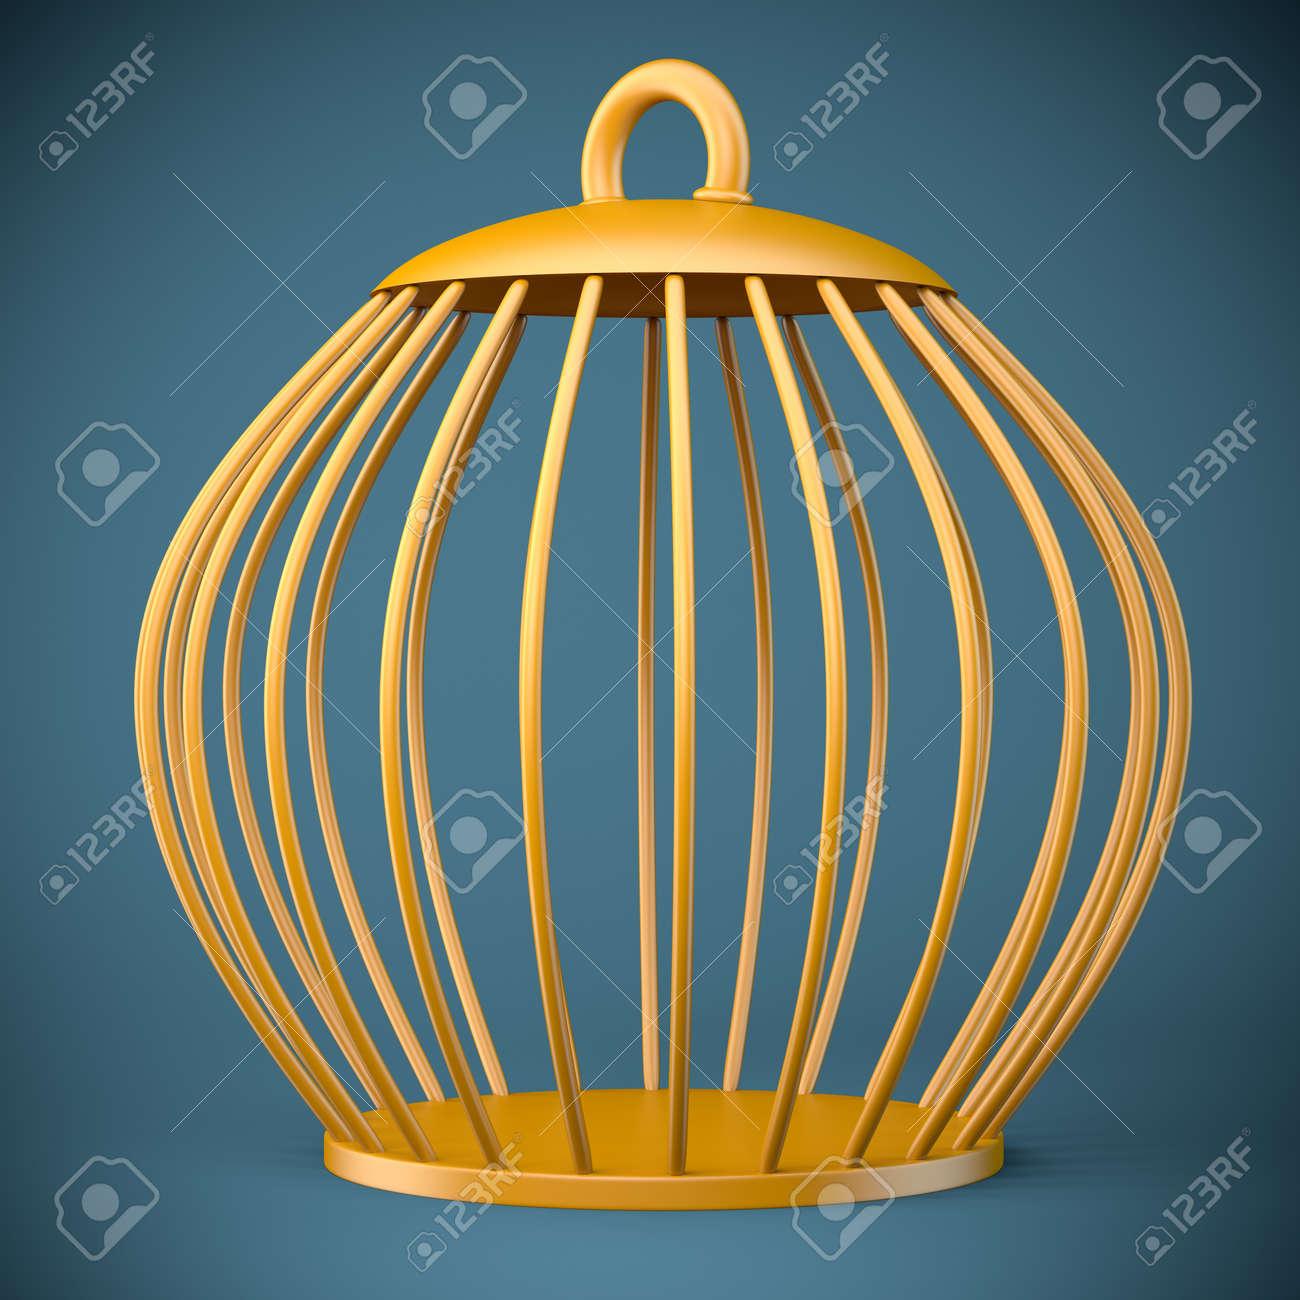 Golden bird cage on dark background. 3d illustration - 22295303